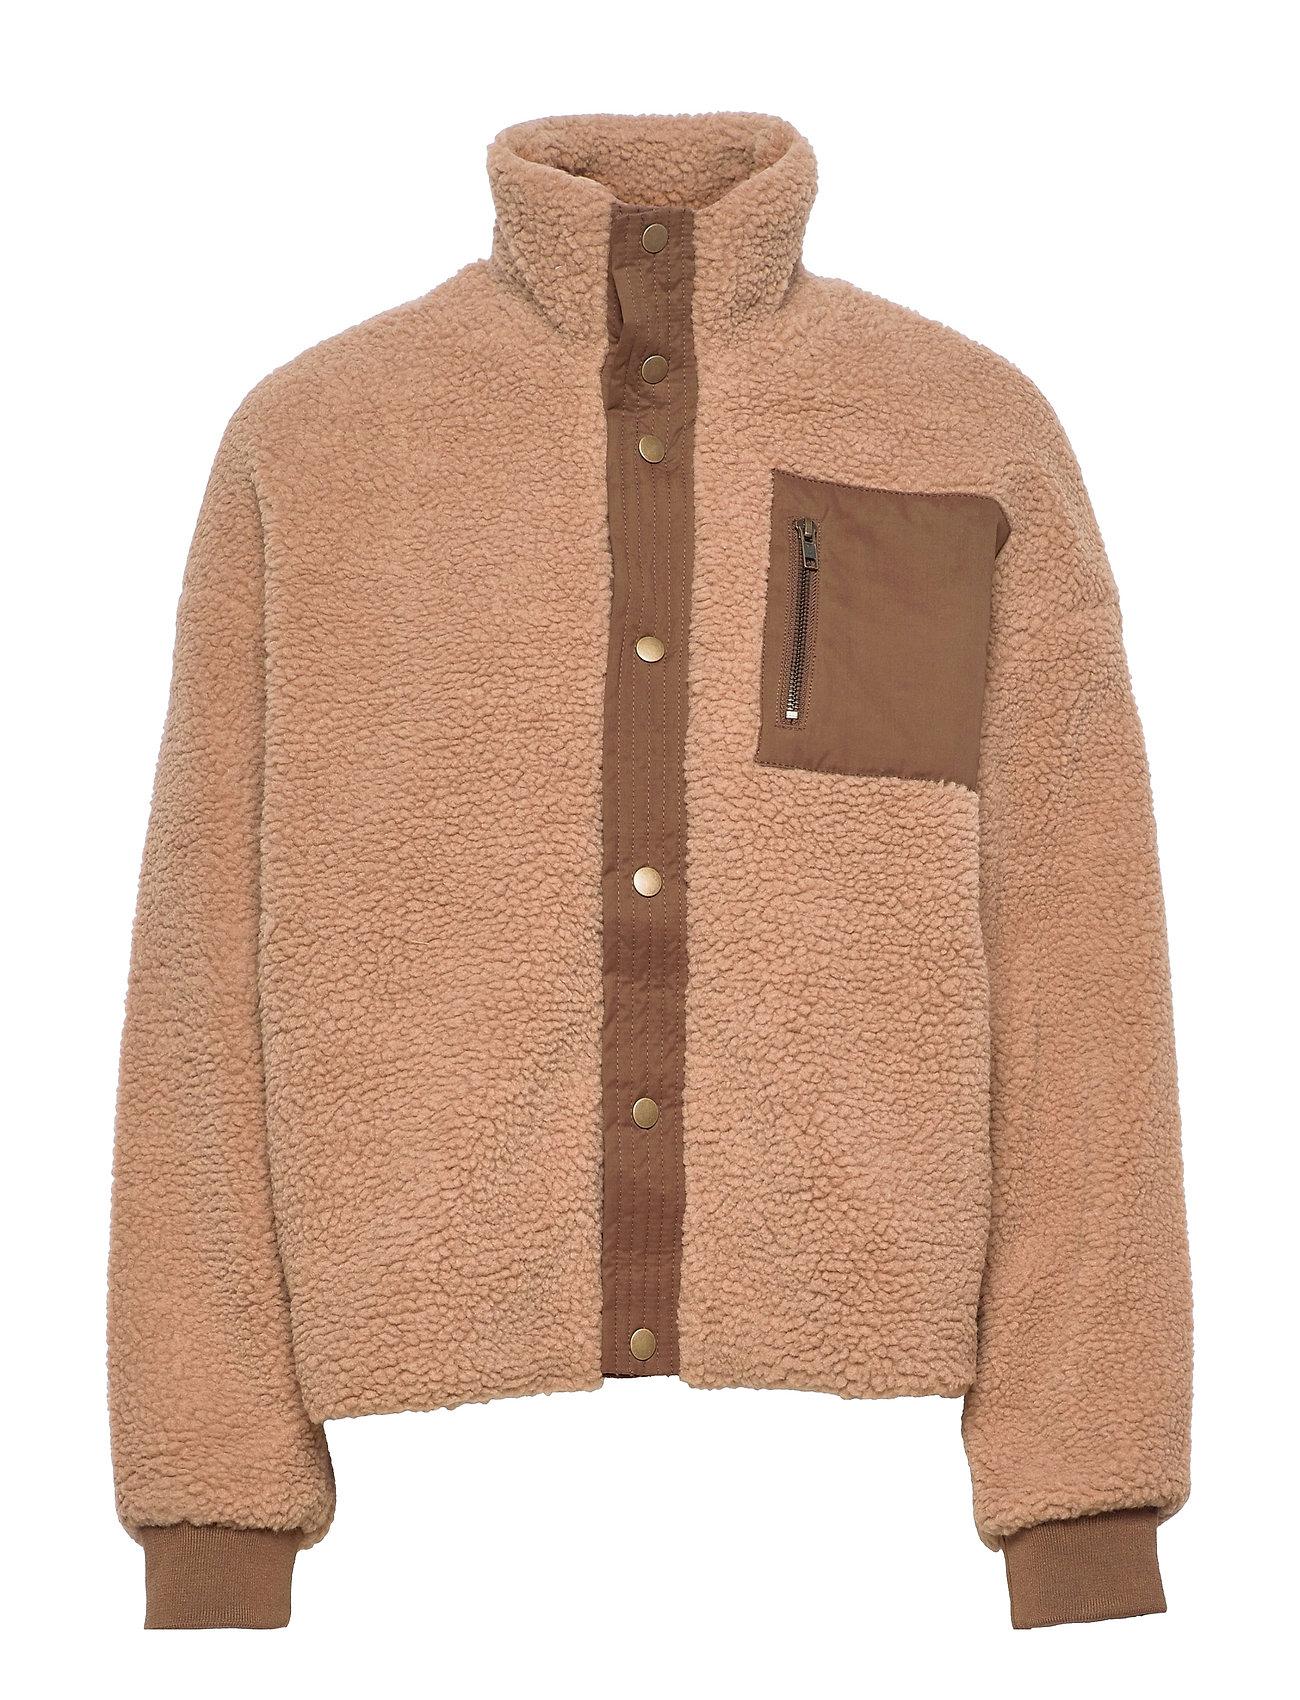 Cutally Teddy Fleece Jacket Uldjakke Jakke Brun Culture